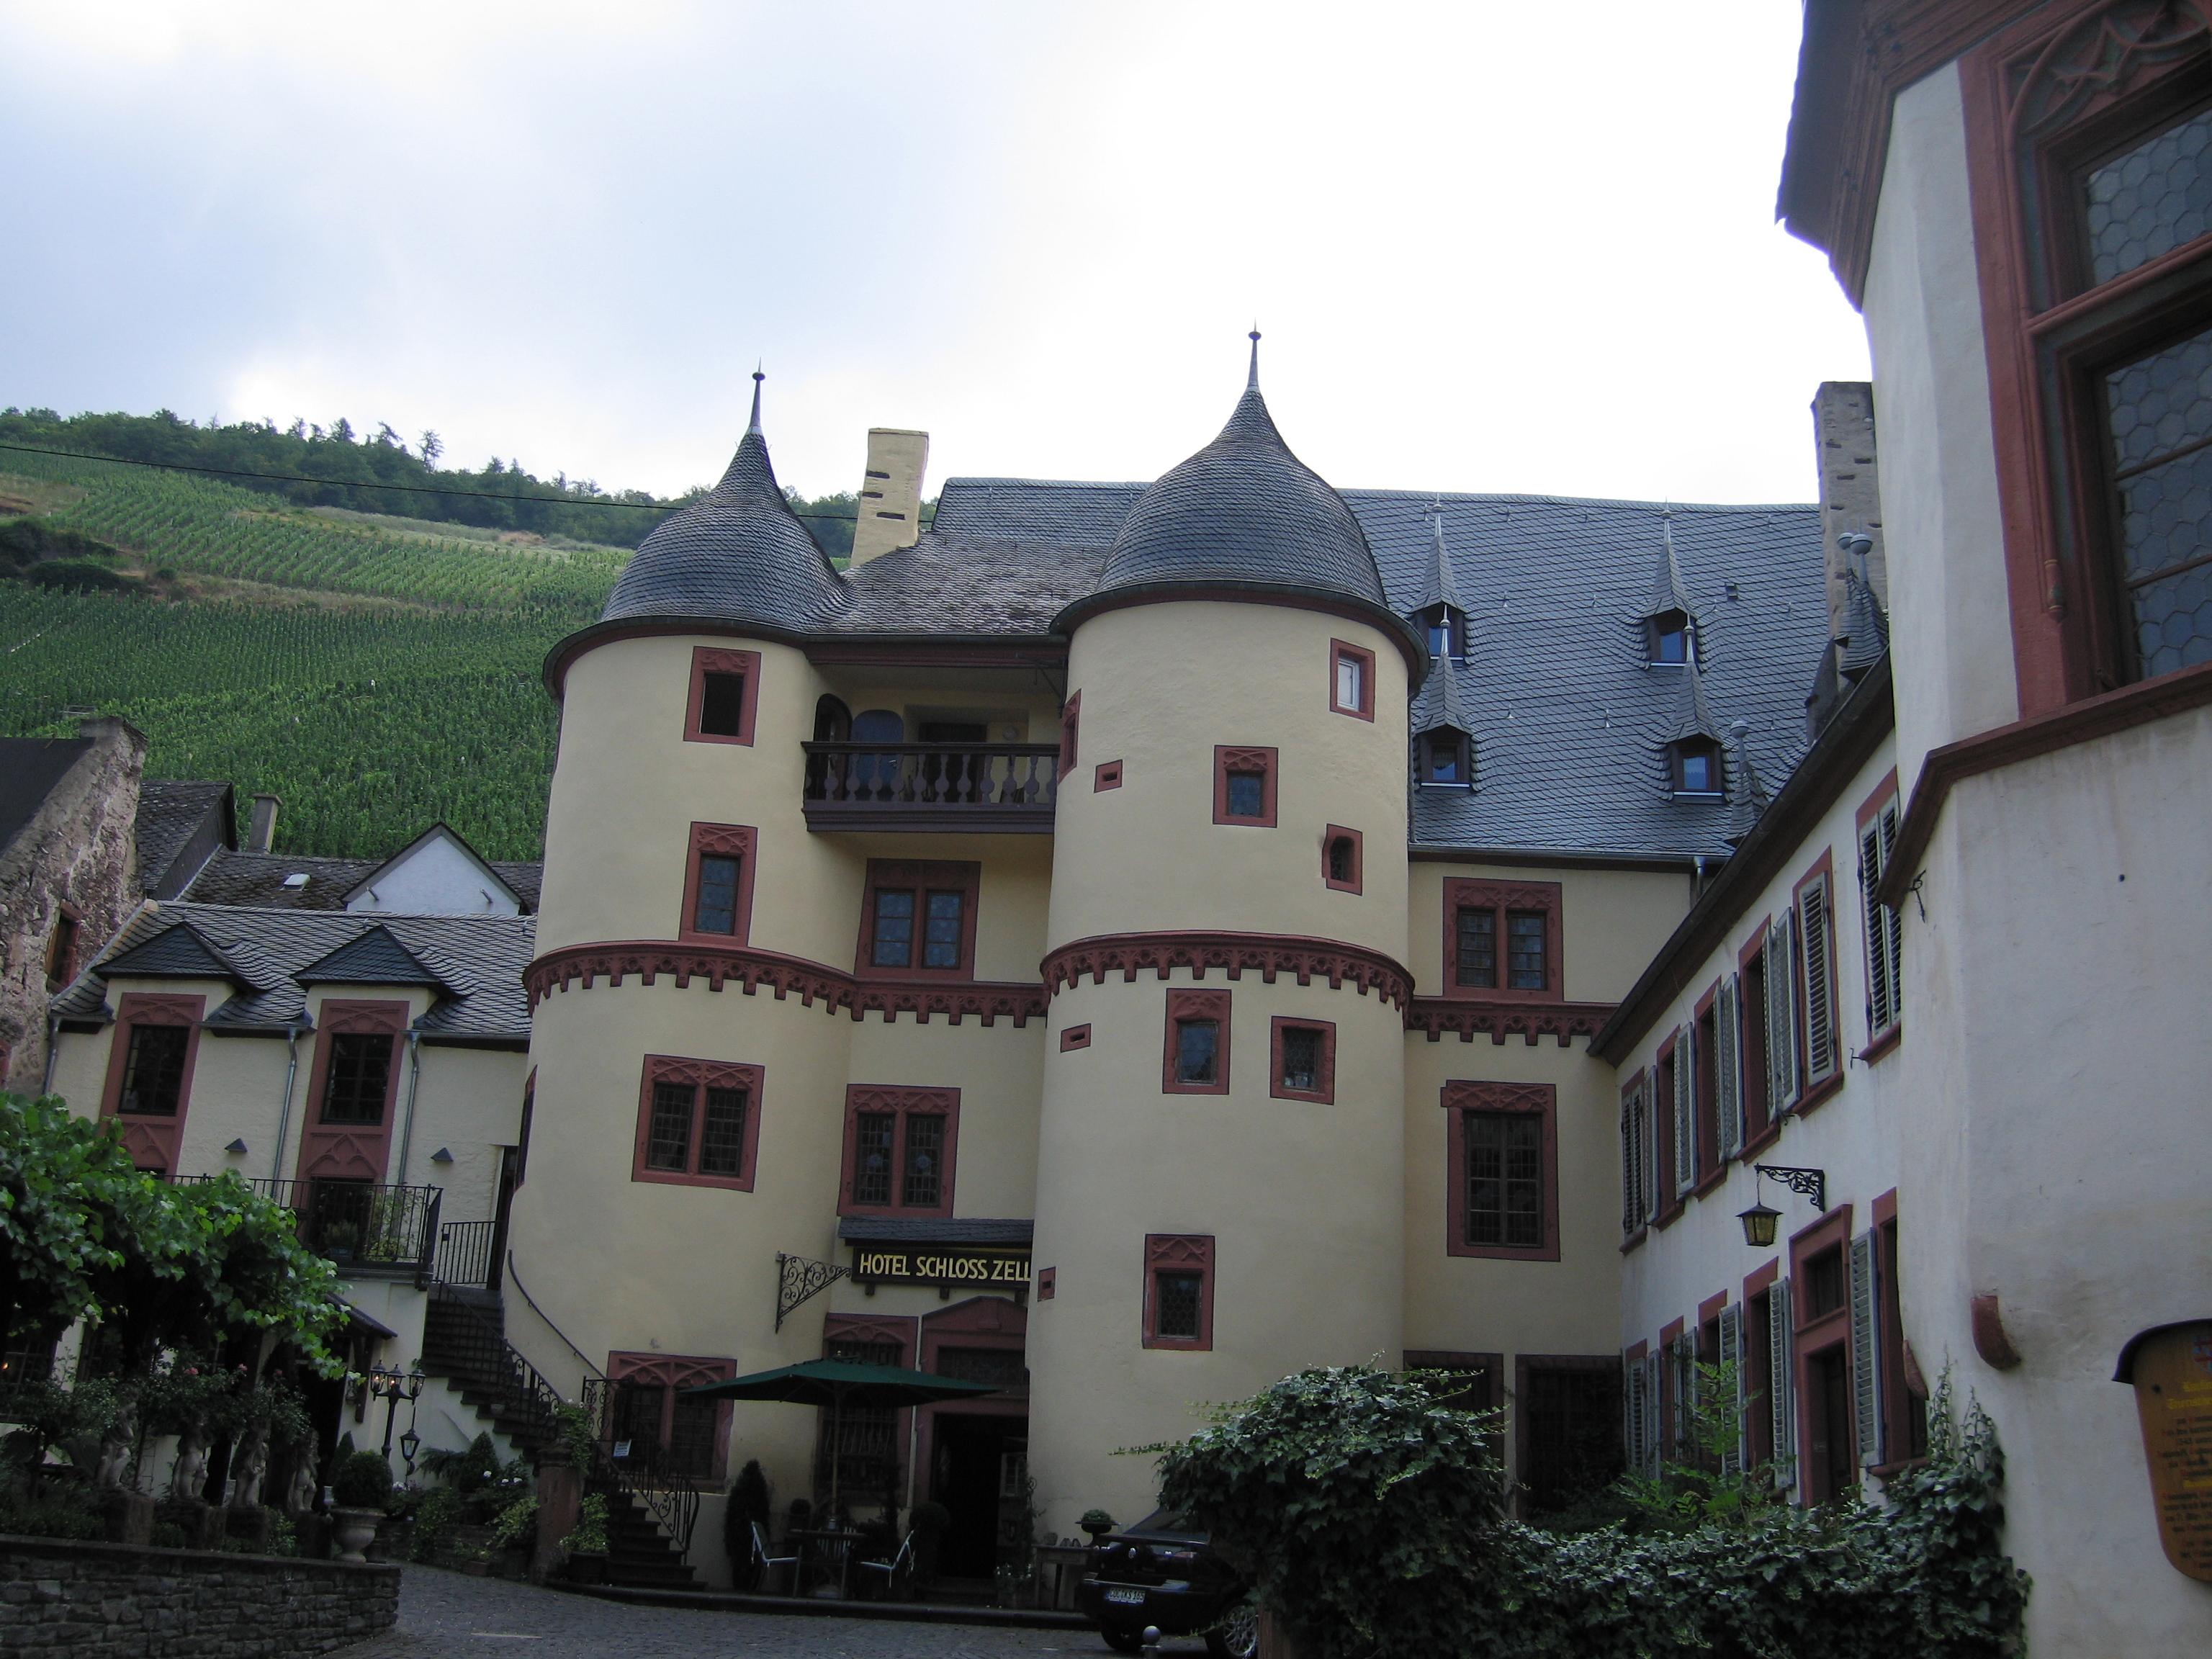 Zell Schloss